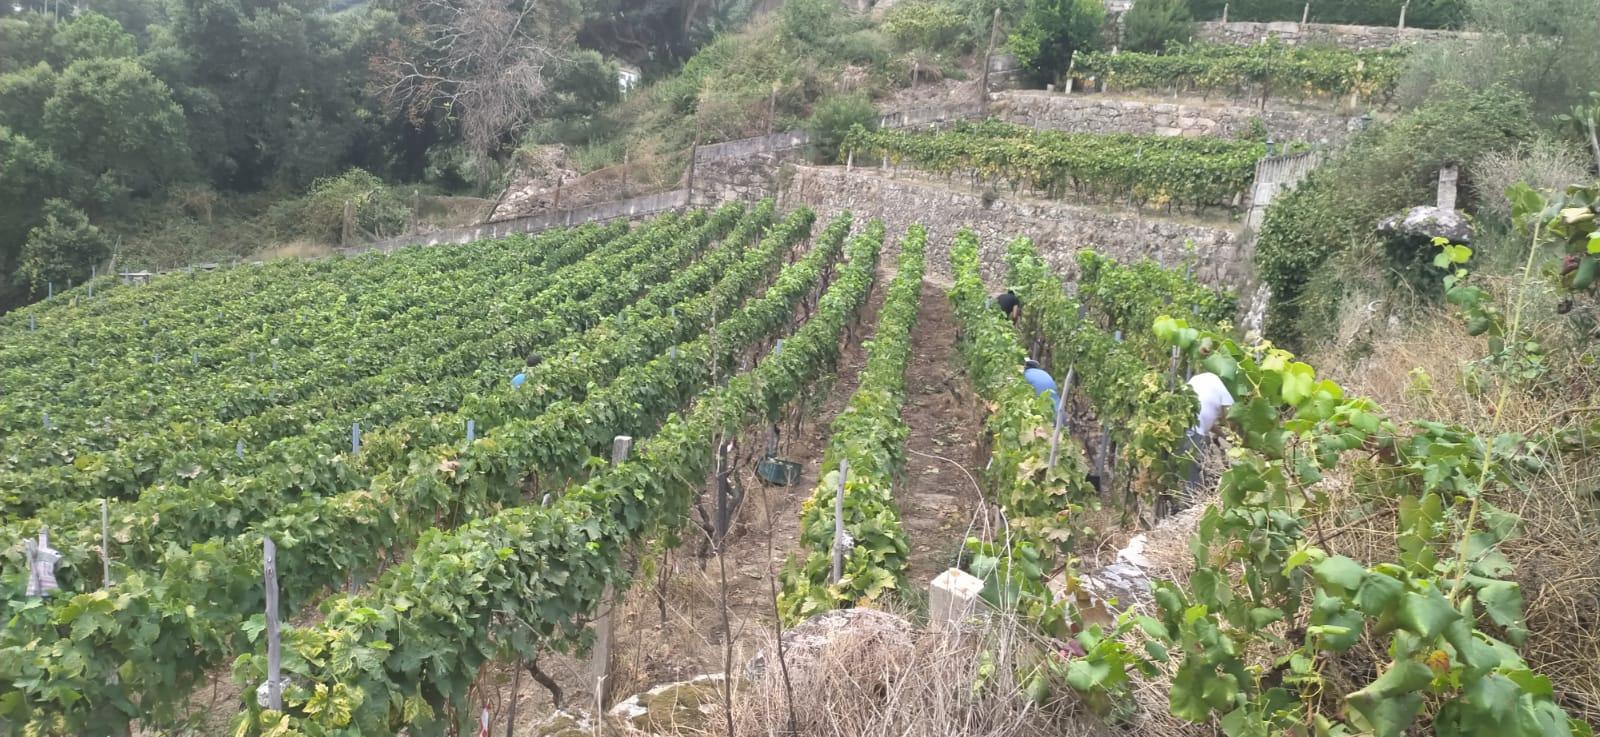 Calidad óptima que permitirá la elaboración de vinos reconocidos en todo el mundo